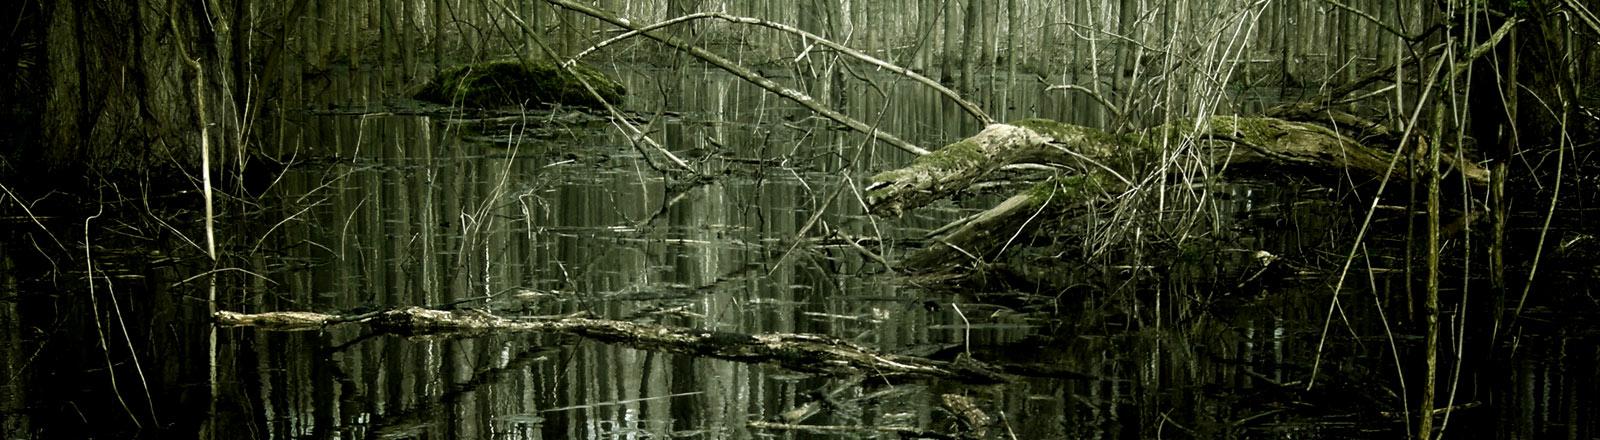 Ein Sumpf mit Bäumen